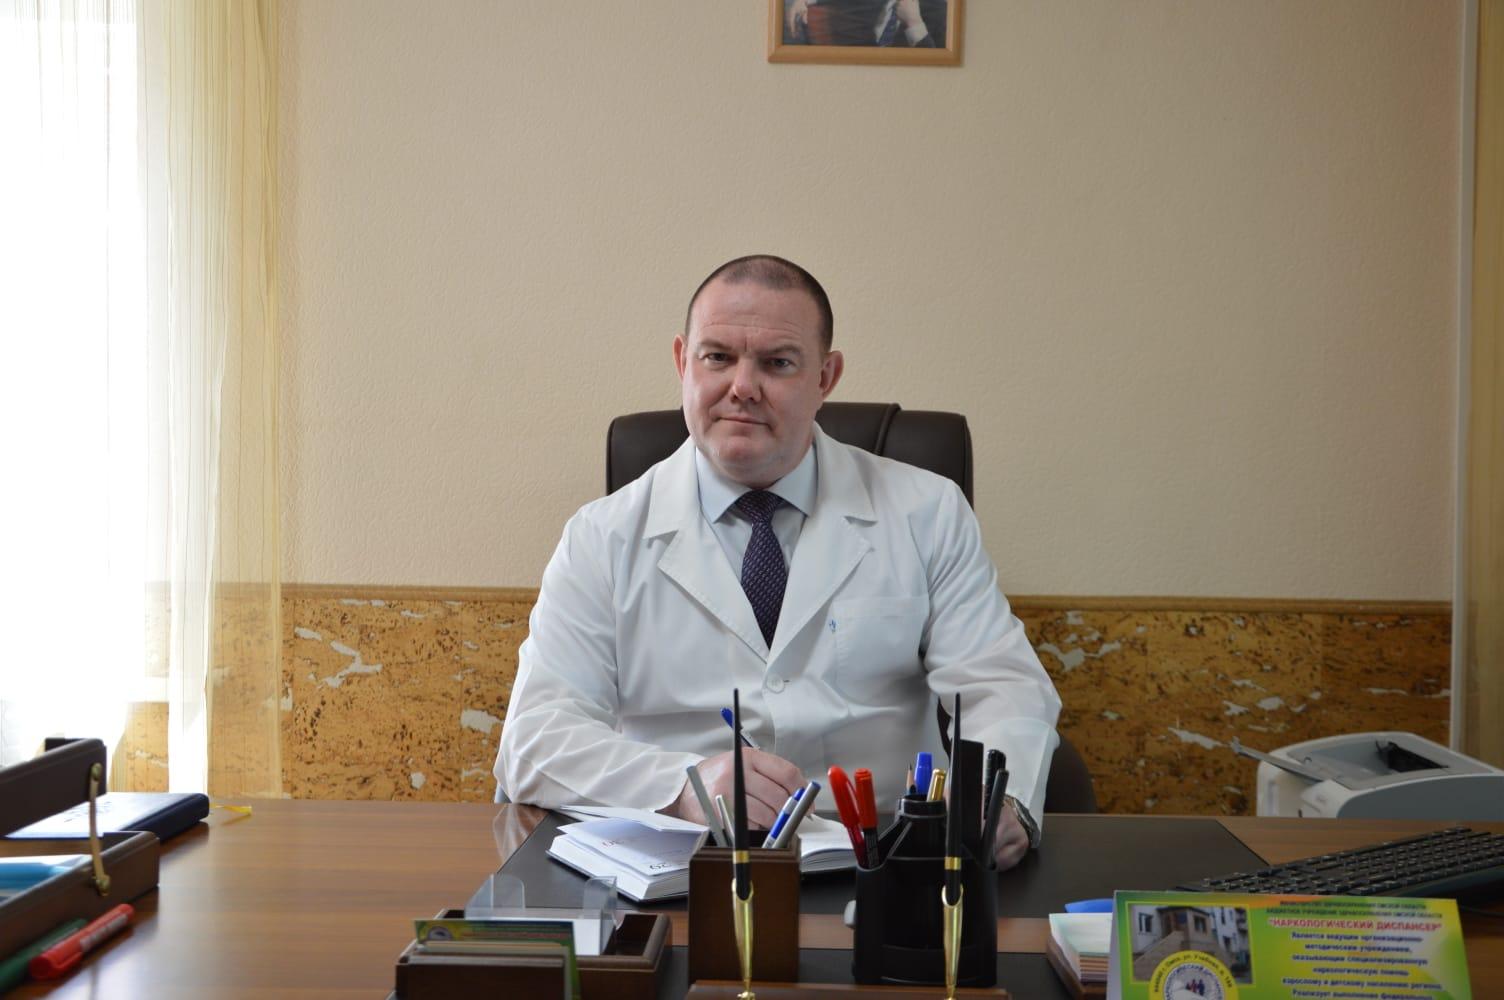 Дмитрий ТИТОВ: «Употребление алкоголя опасно в любом возрасте и в любом количестве» #Омск #Общество #Сегодня